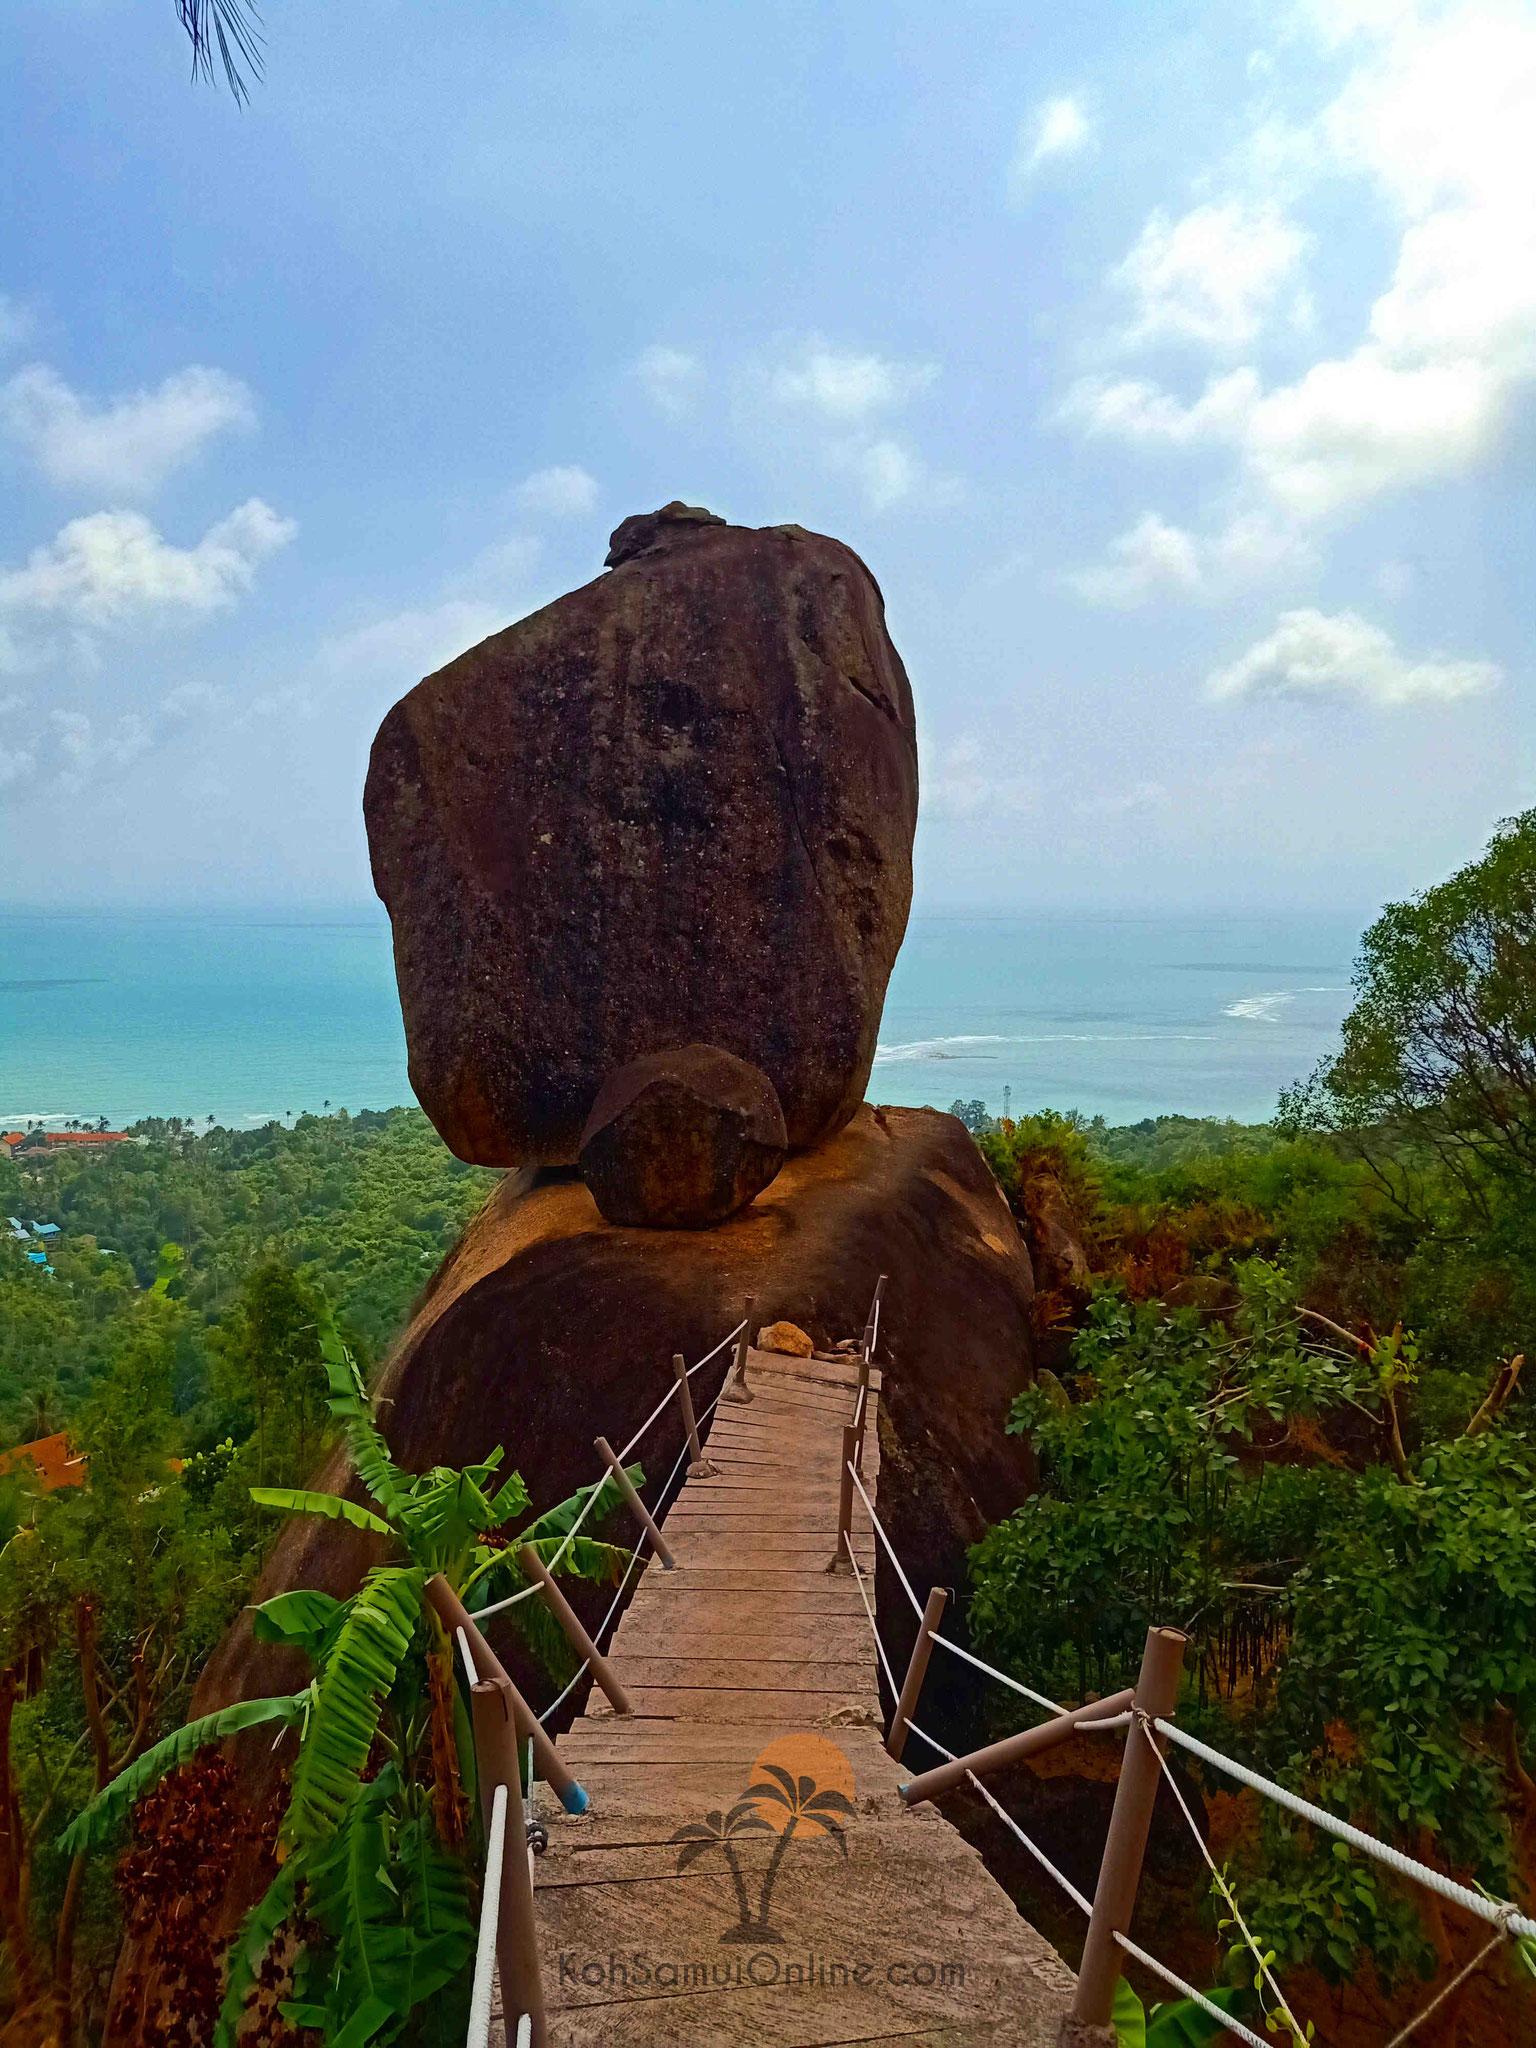 overlap stone koh samui thailand auf der webseite kohsamuionline.com